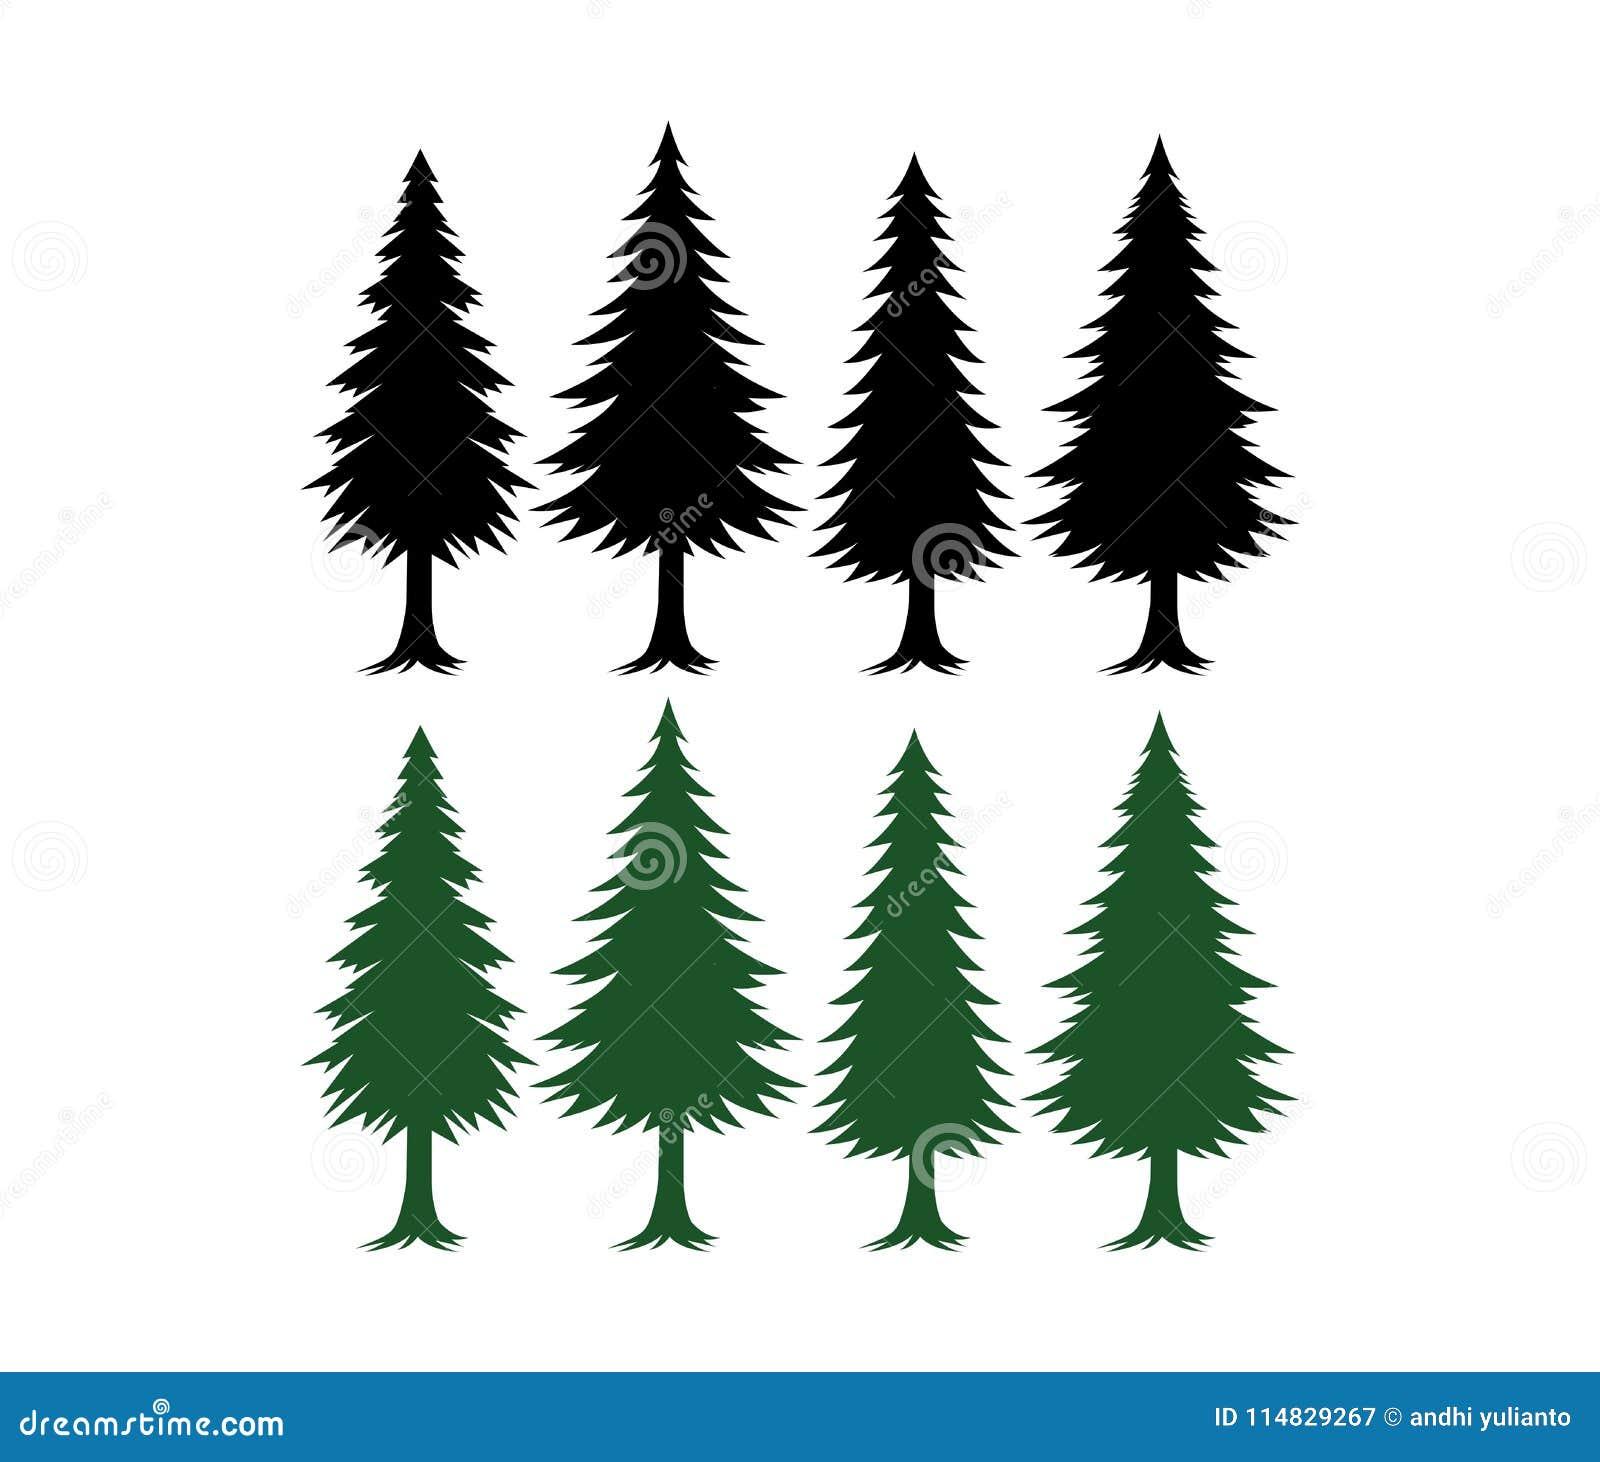 杉树剪影集合传染媒介模板绿色和黑色